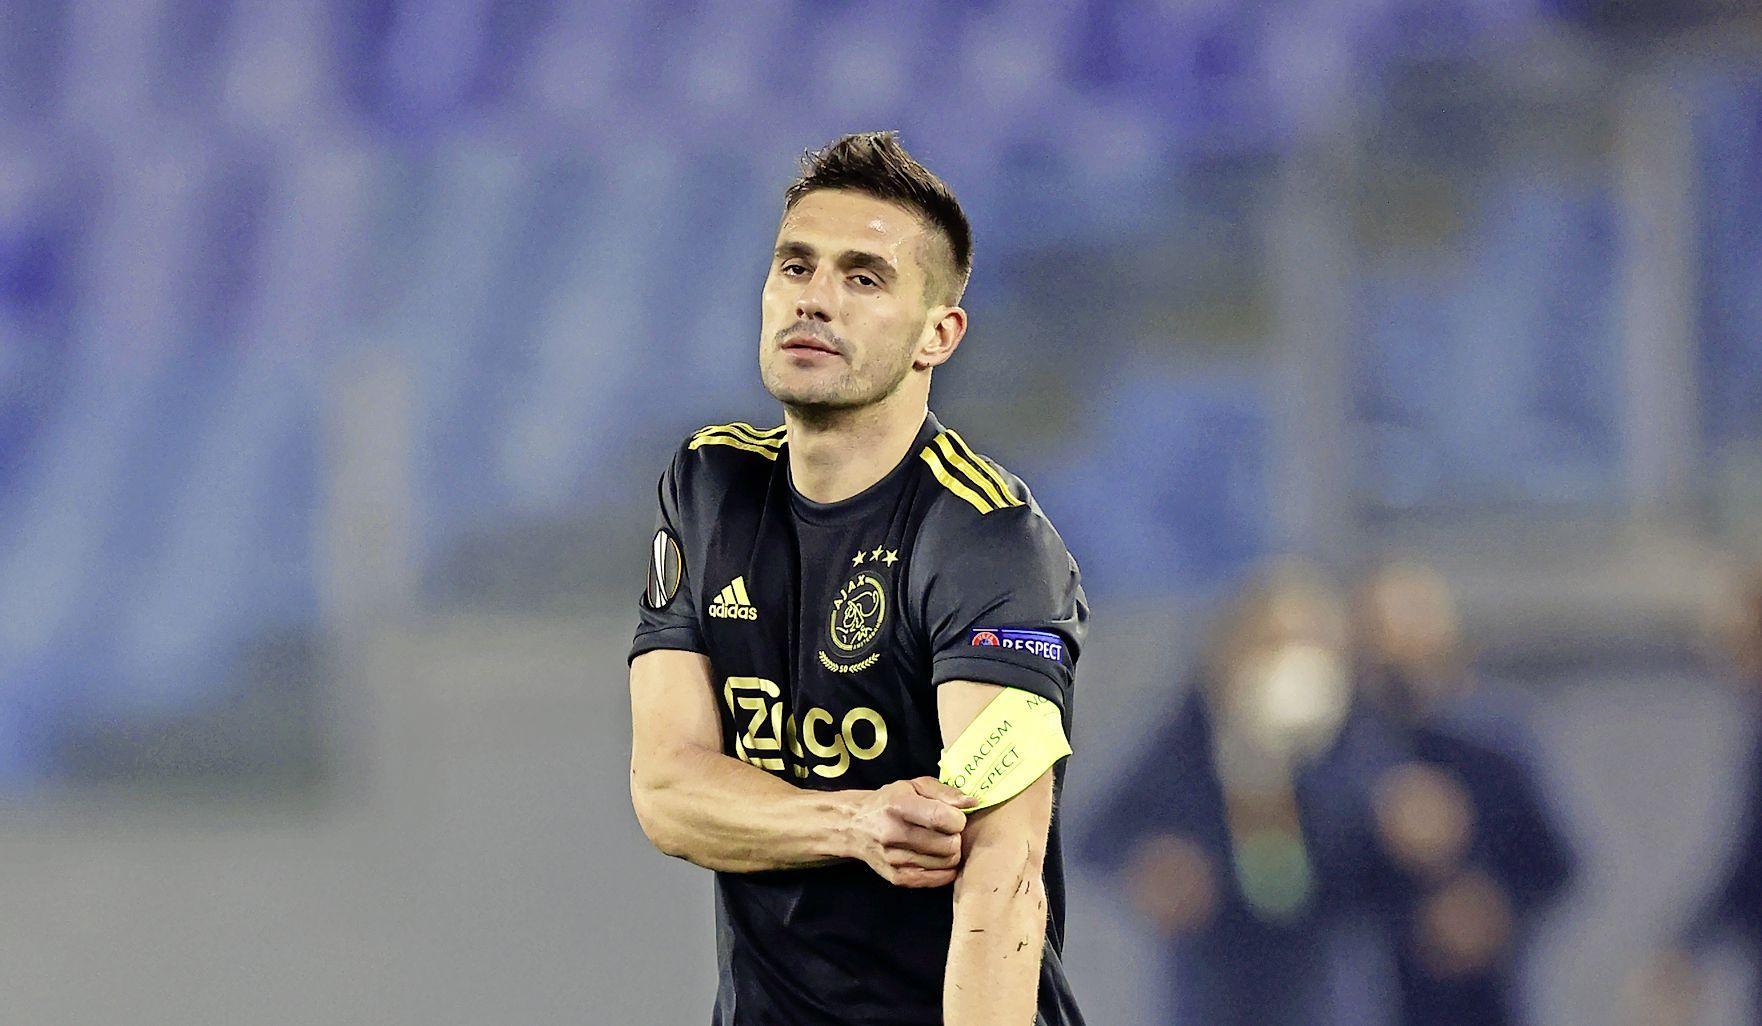 AS Roma-Ajax: Tadic hoorde de scheidsrechter 'Ga door, ga door' roepen